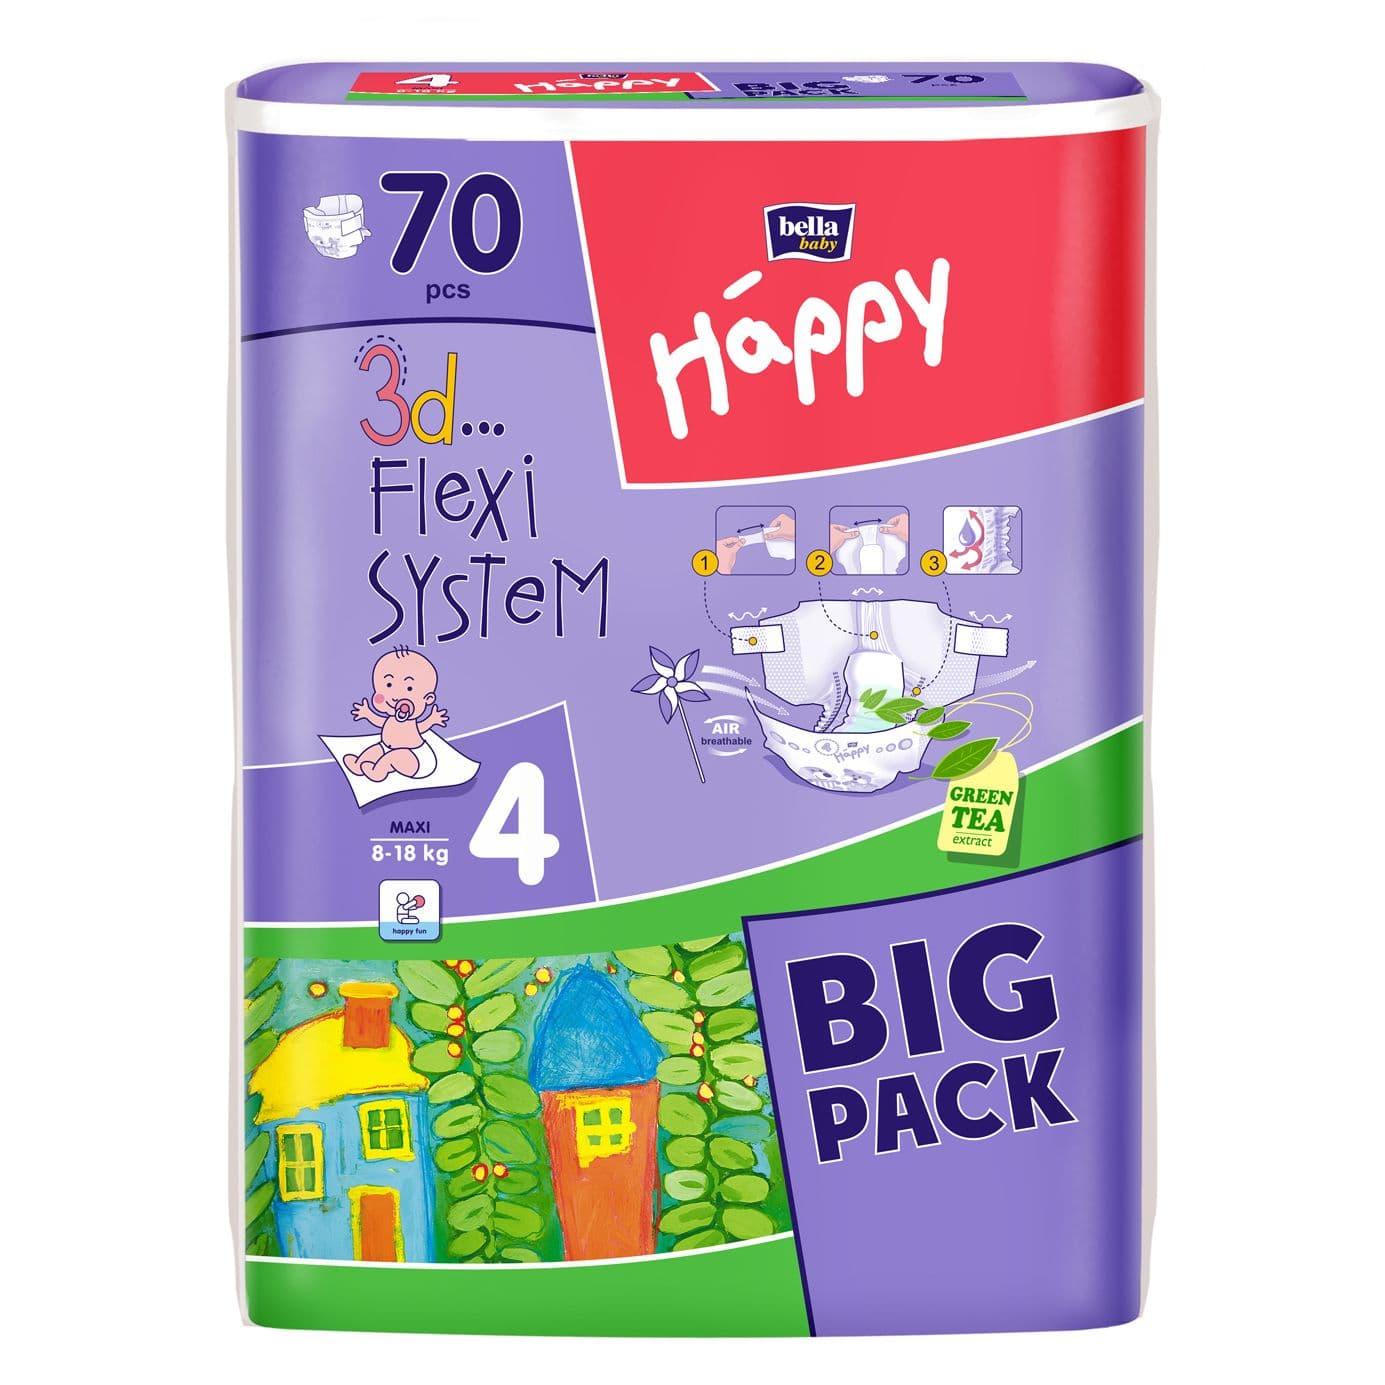 Happy Maxi 8-18кг 70бр